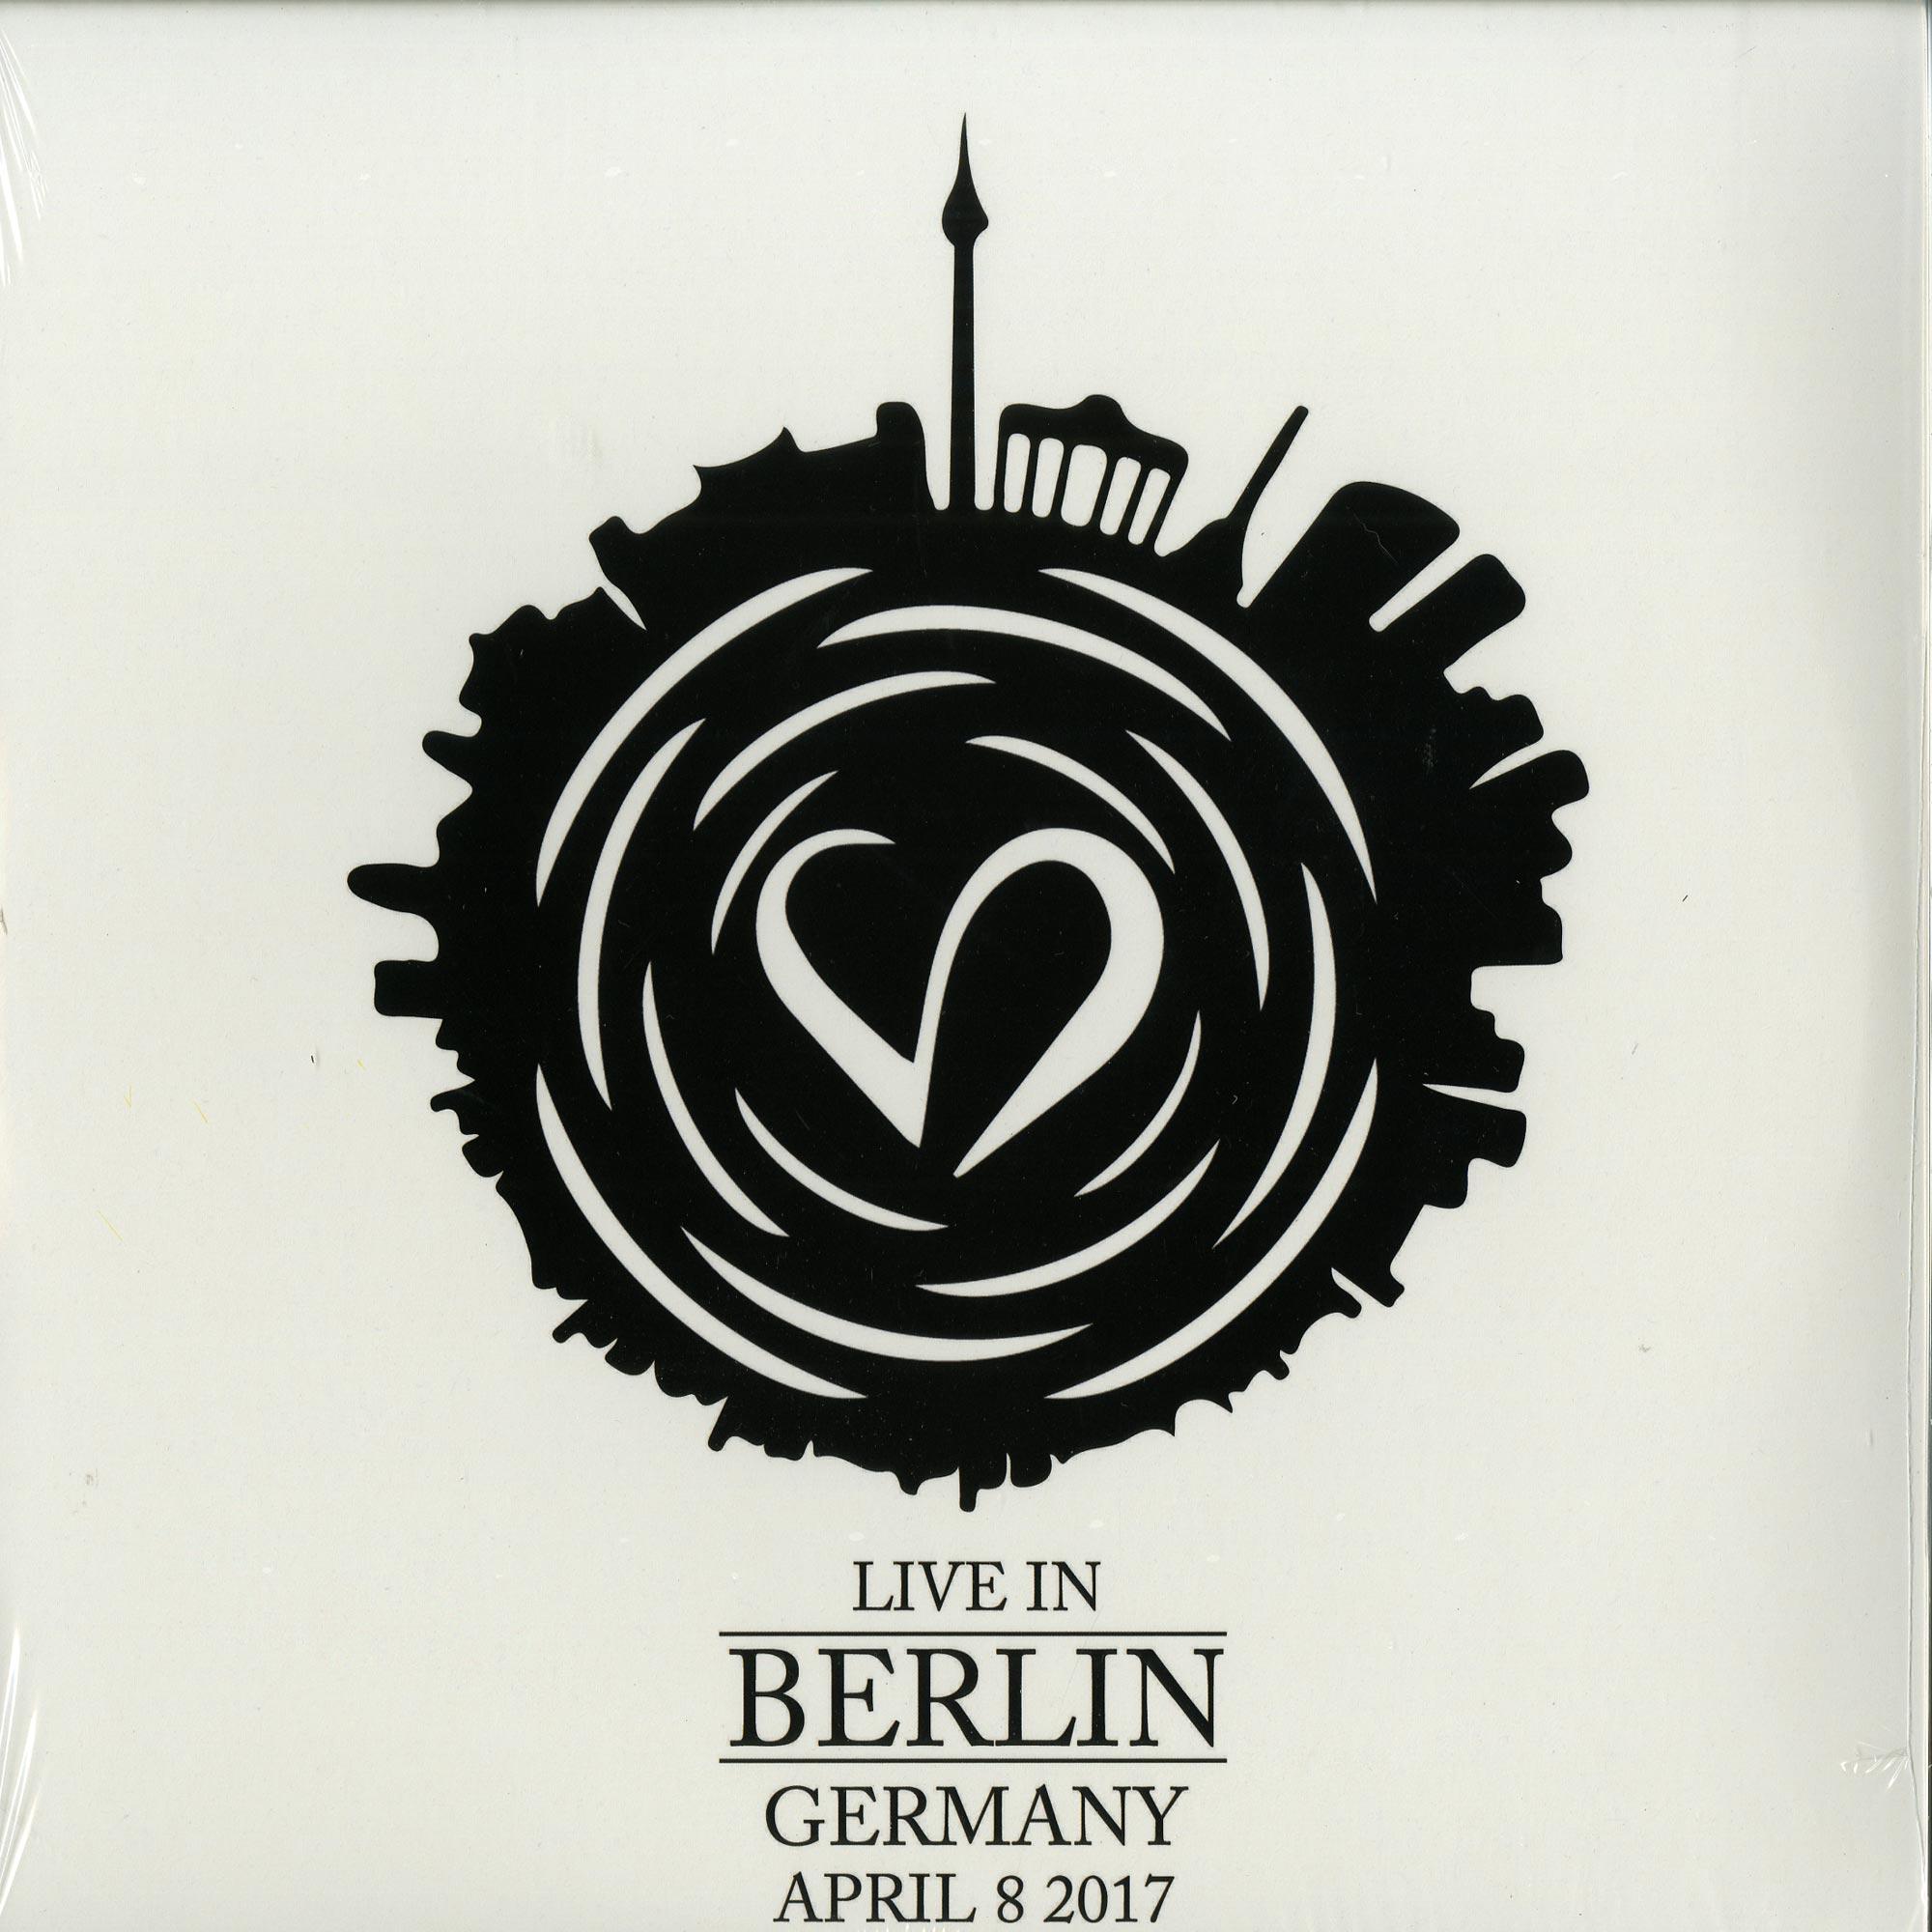 Enrico Mantini - LIVE IN BERLIN